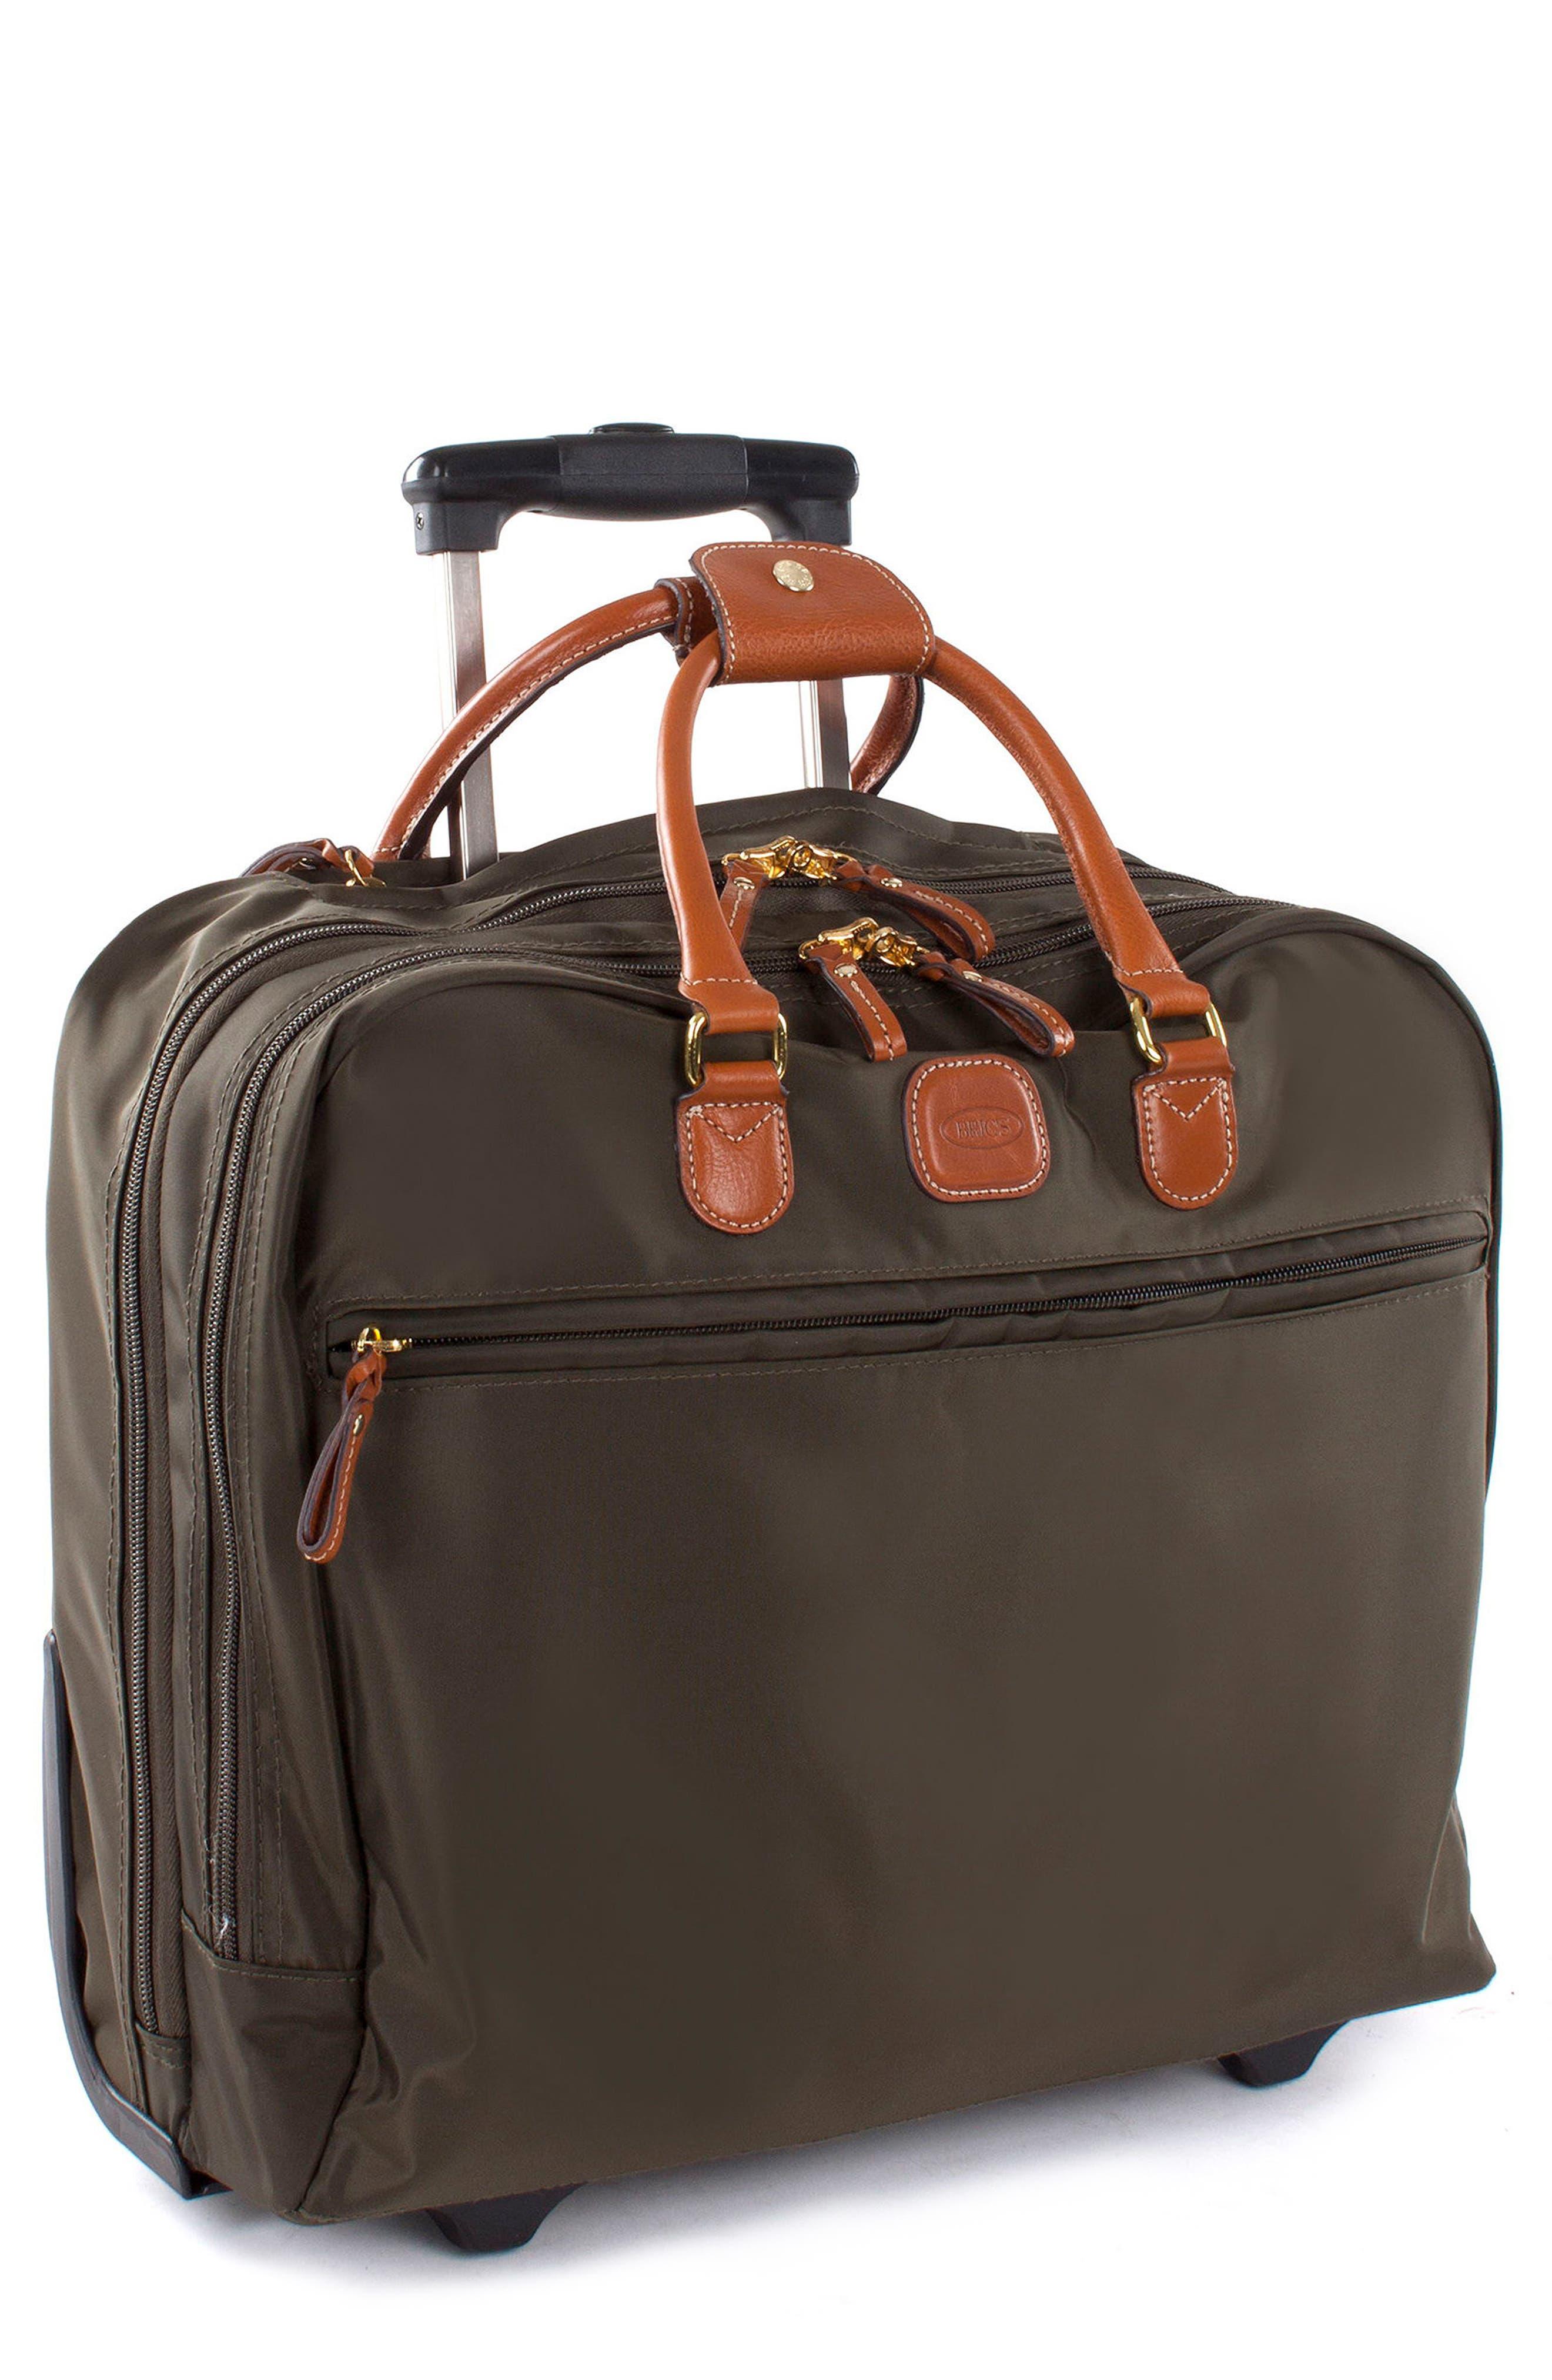 X-Travel Pilot Case